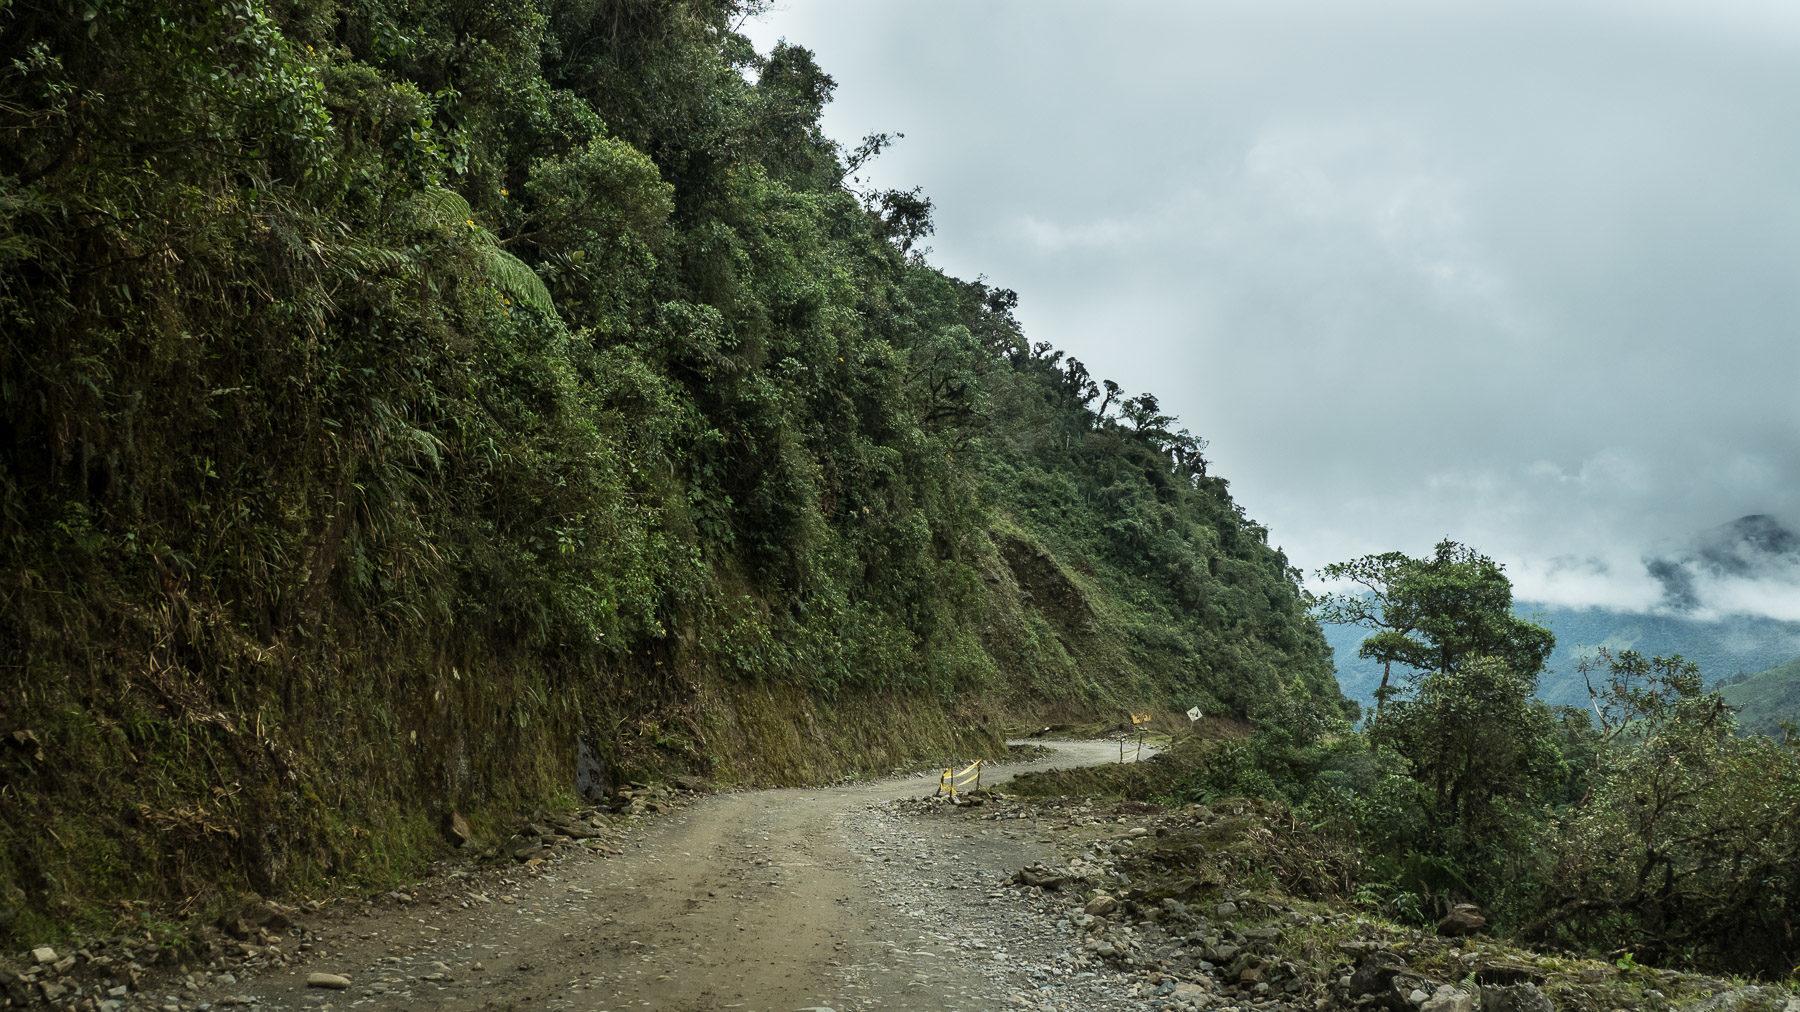 Die Unruhen in Equador spitzen sich zu. Eiliger Aufbruch und anstrengende Fahrt über eine Schotterstraße nach Peru